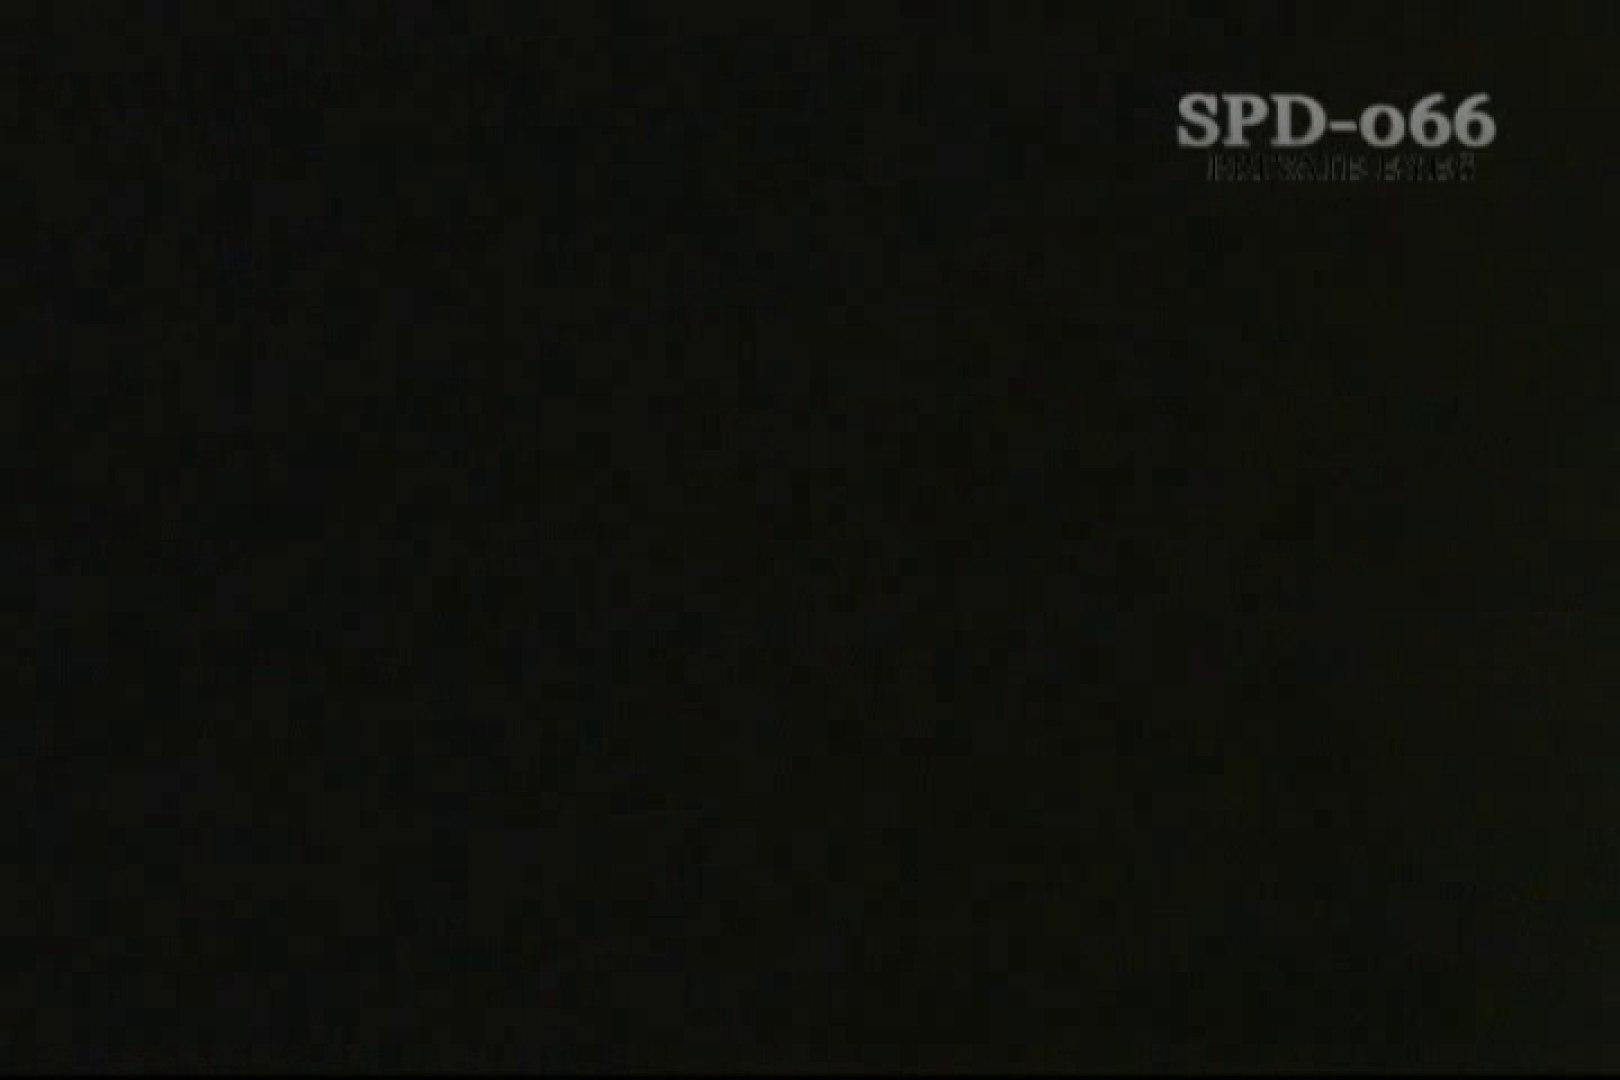 高画質版!SPD-066 3センチメートルの隙間 4 高画質 | 名作  51pic 50